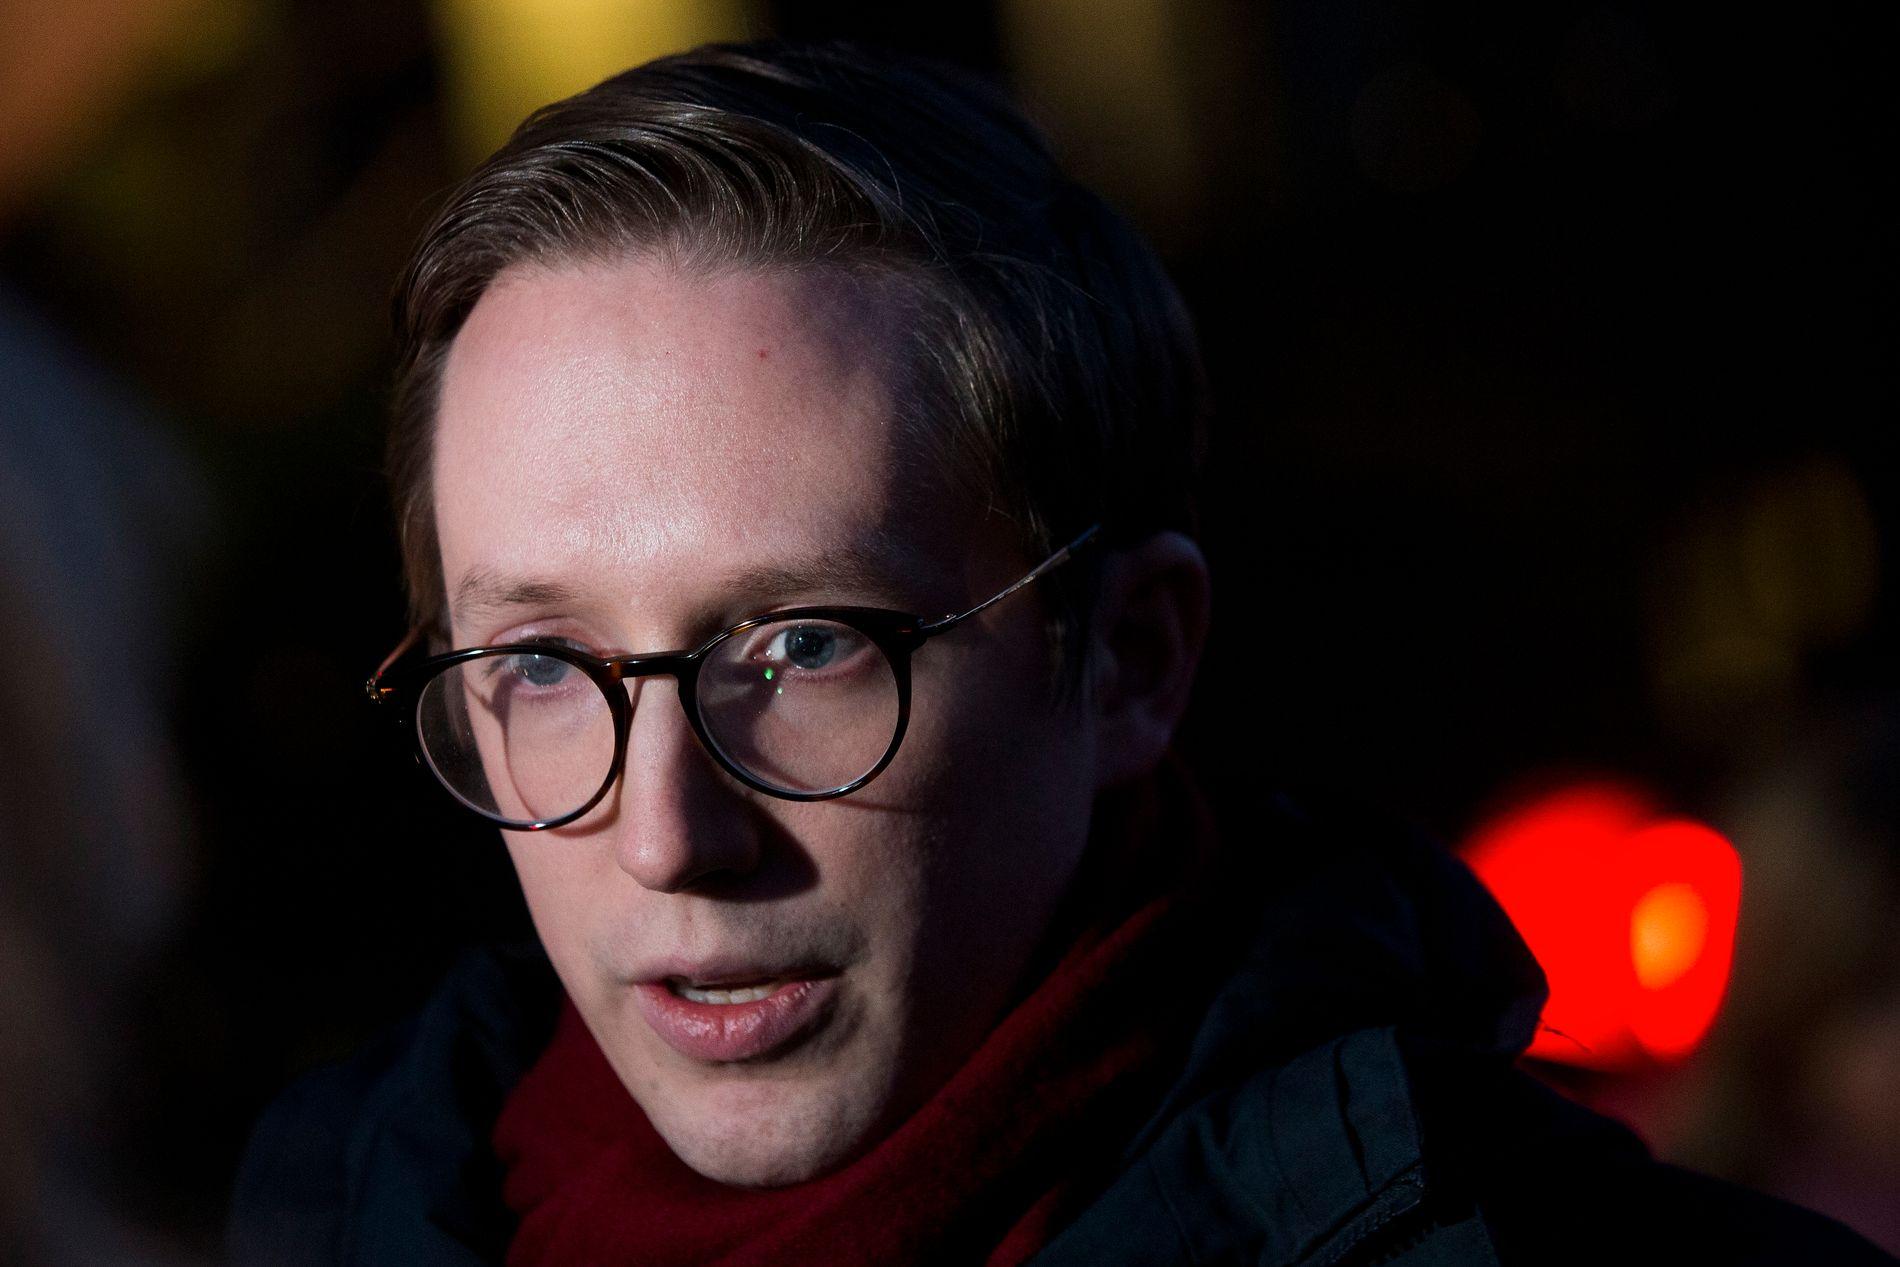 PLAGER PARTIFELLEN: Førstekandidat fra Hedmark Høyre og Unge Høyre-leder Kristian Tonning Riise mener Barneombudet og ikke fylkesmennene bør være klageinstans i mobbesaker.